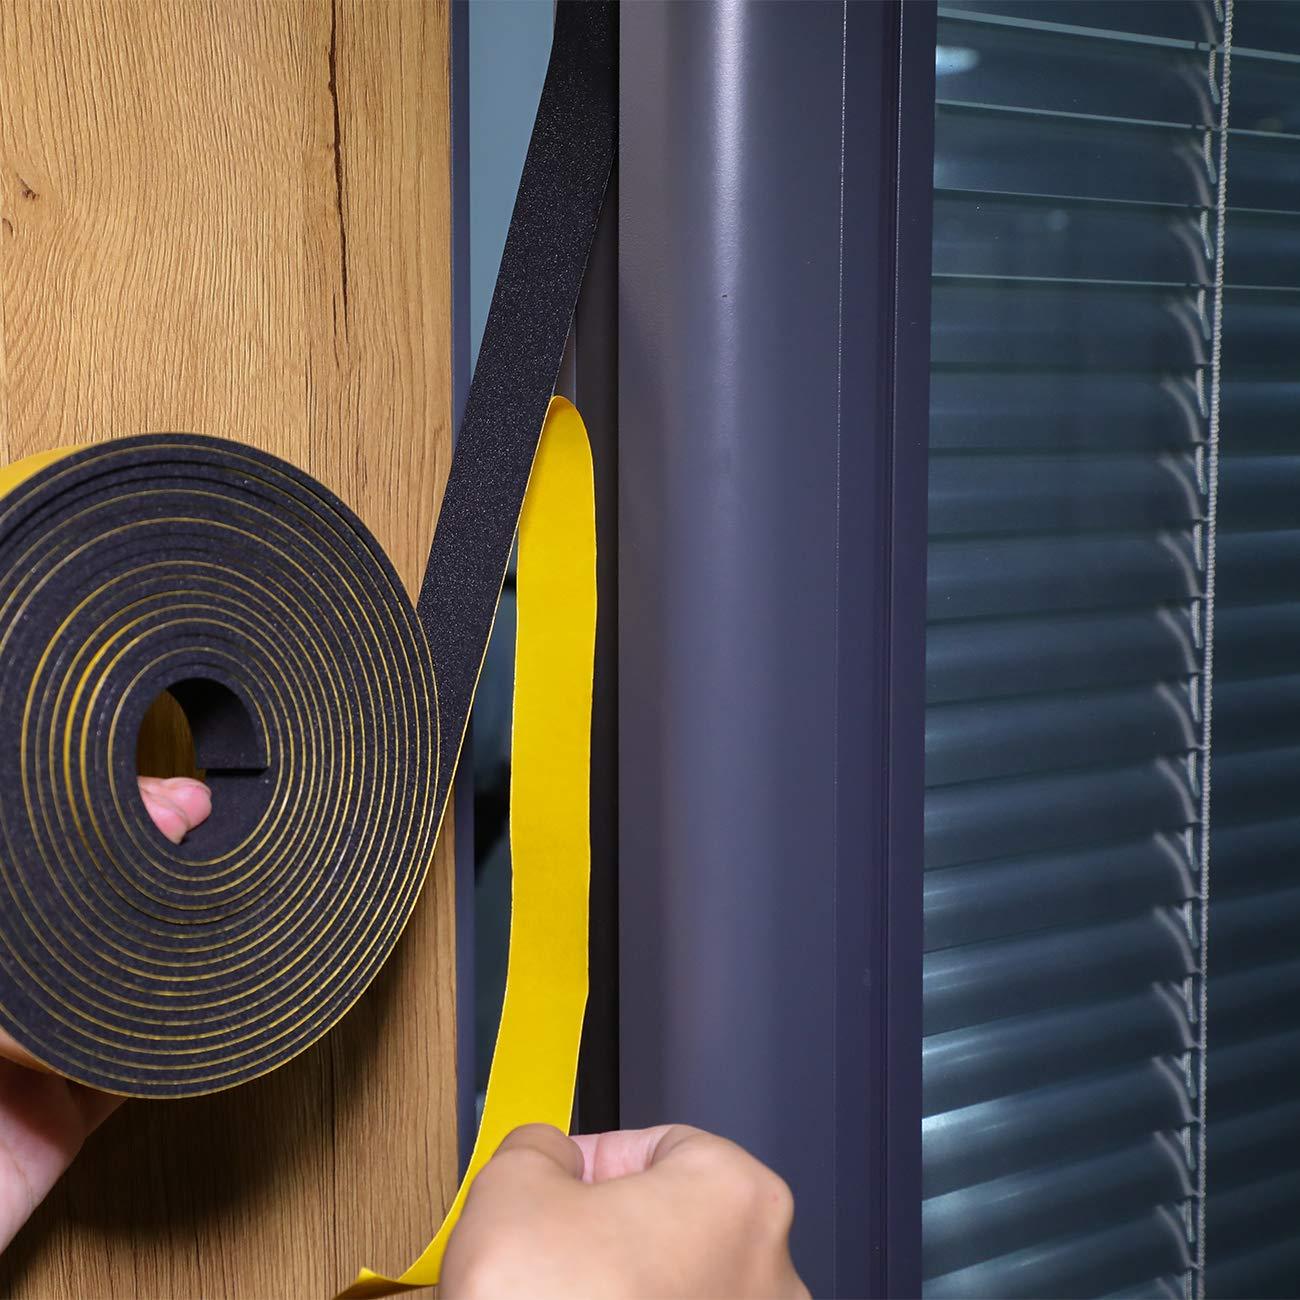 Moosgummi selbstklebend f/ür Kollision Siegel Schalld/ämmung Gesamtl/änge 4m B 2 Rollen je 2m lang Schaumstoff Dichtungsband Fenster-T/ürdichtung kochheld Schaumstoff Selbstklebend 25mm x10mm D